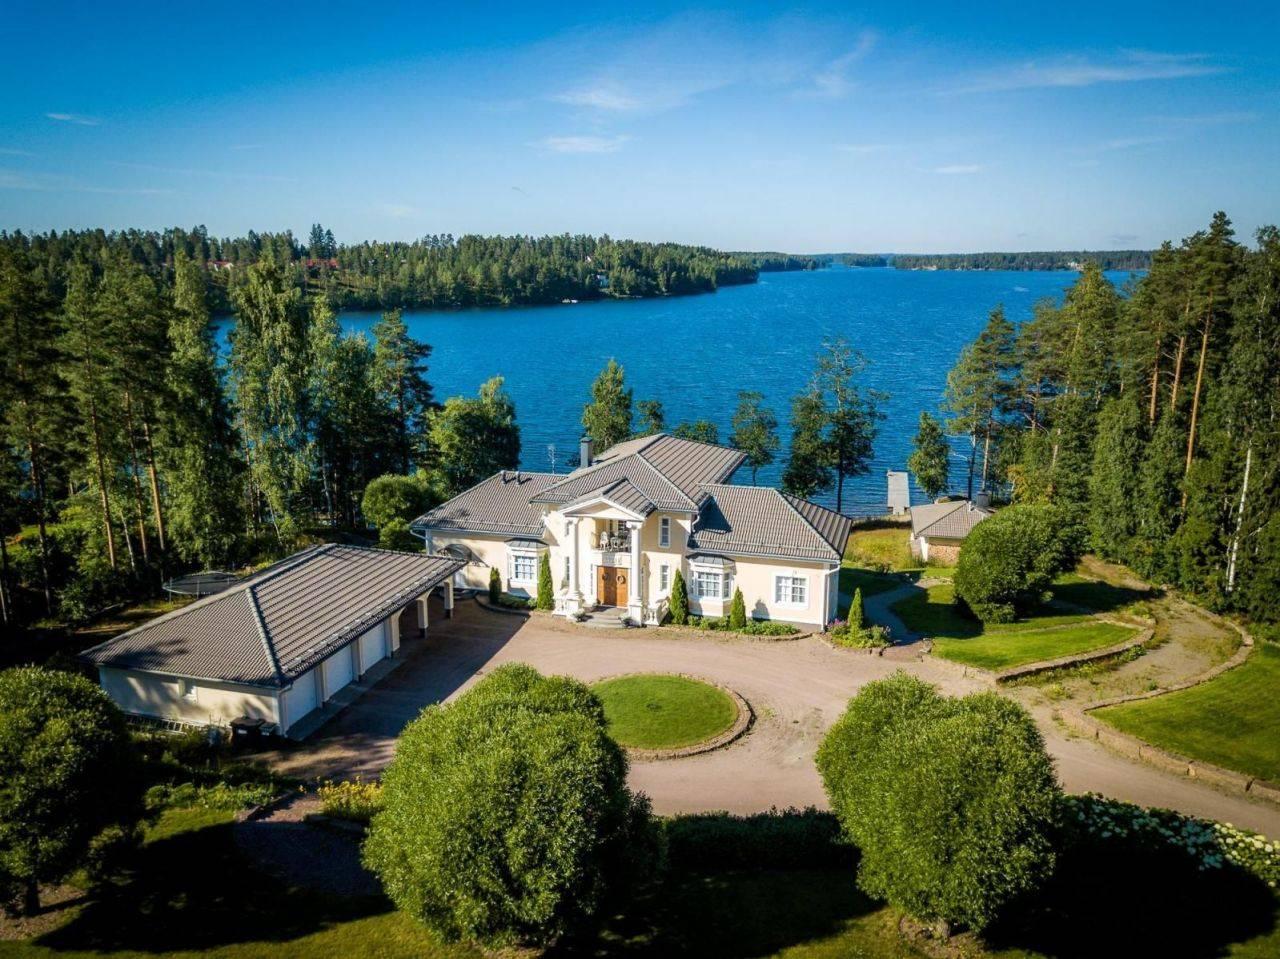 Где нас нет. интерес россиян к недвижимости в финляндии достиг рекордно низкого уровня